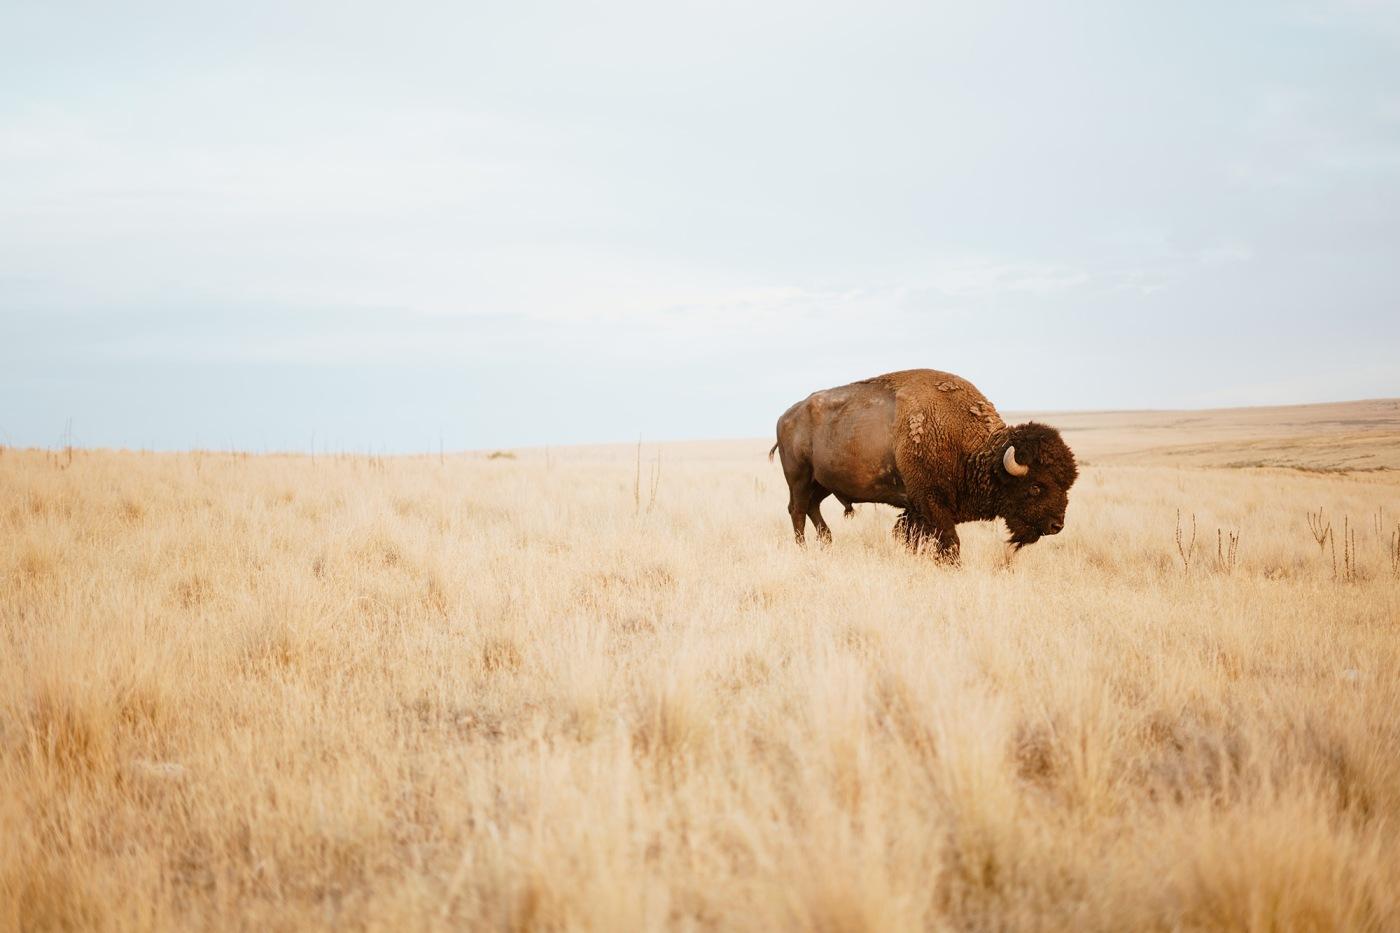 Prairie Grassland Habitat and animals